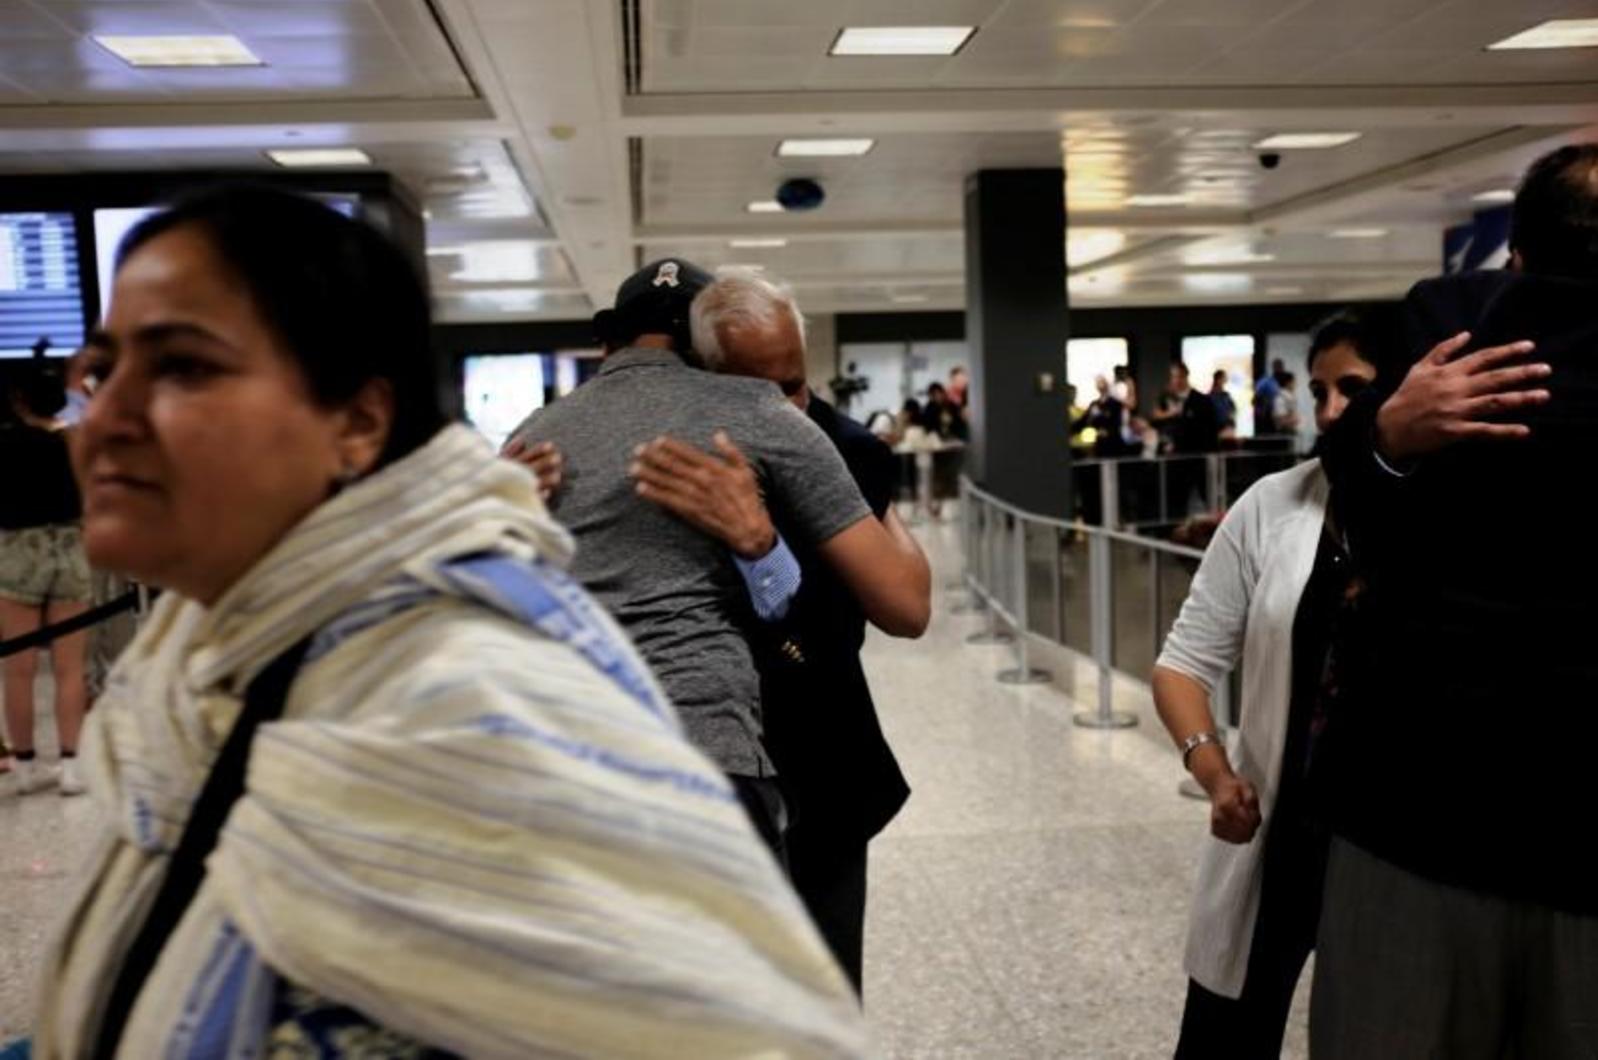 Chính phủ Trump cân nhắc kế hoạch giảm bớt số người nhập cảnh diện đoàn tụ